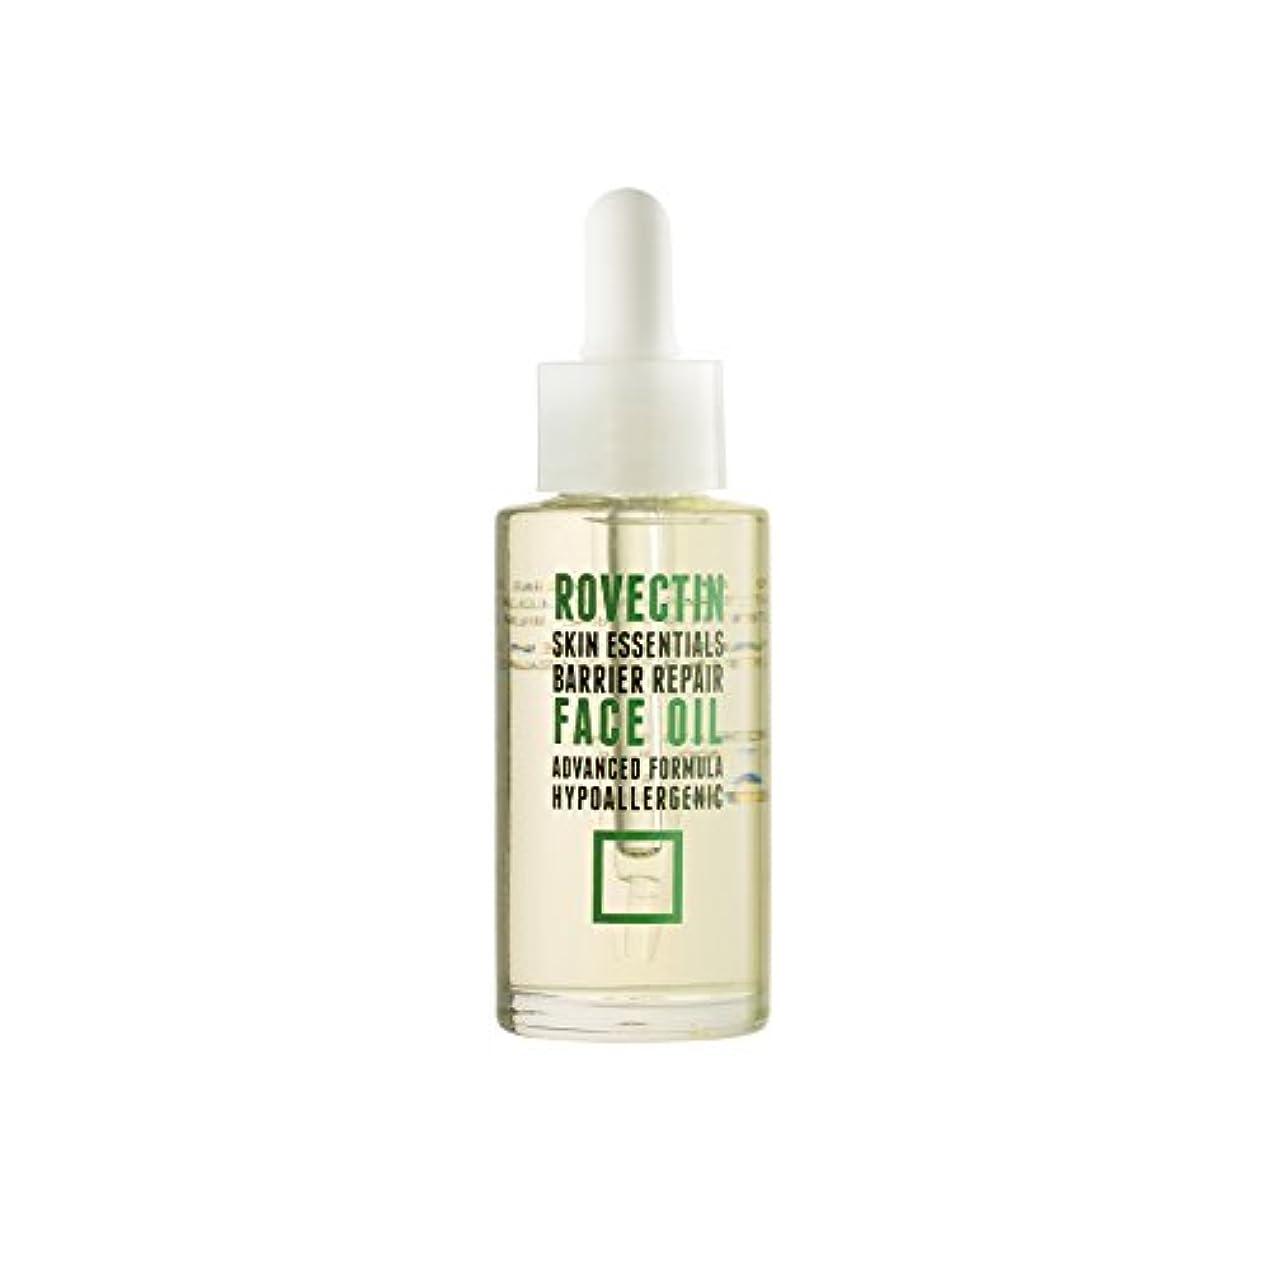 引き付ける代替案排除スキン エッセンシャルズ バリア リペア フェイスオイル Skin Essentials Barrier Repair Face Oil 30ml [並行輸入品]